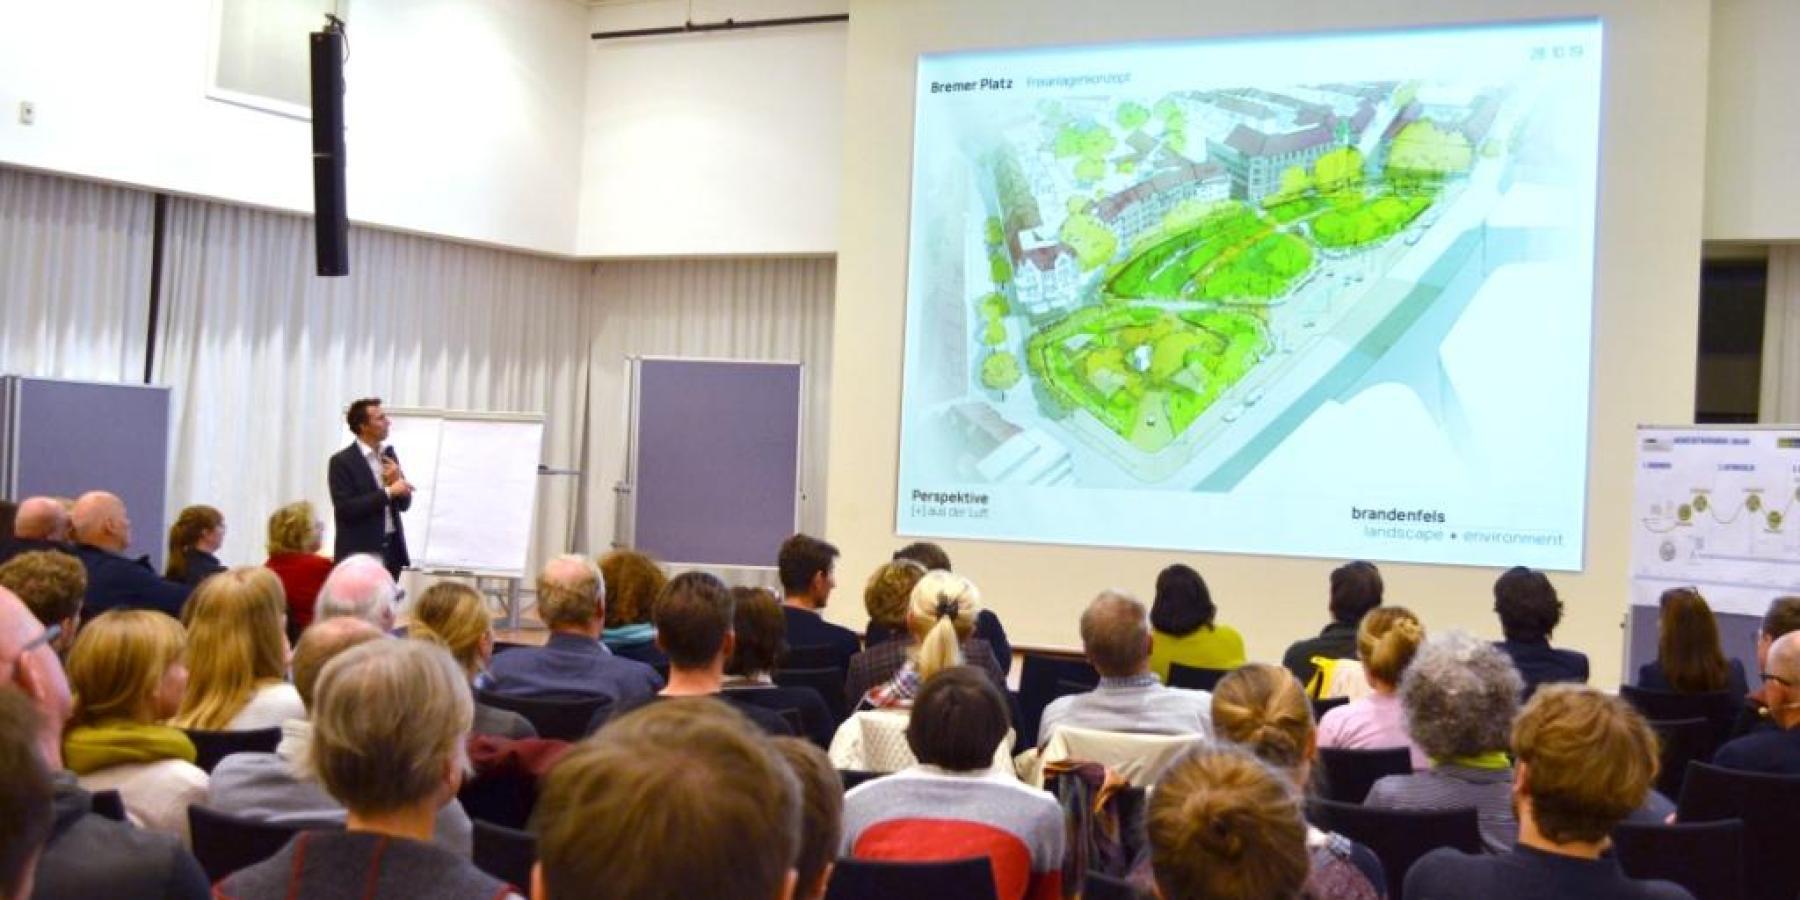 Bremer Platz: Zonen schaffen Raum für verschiedene Nutzergruppen